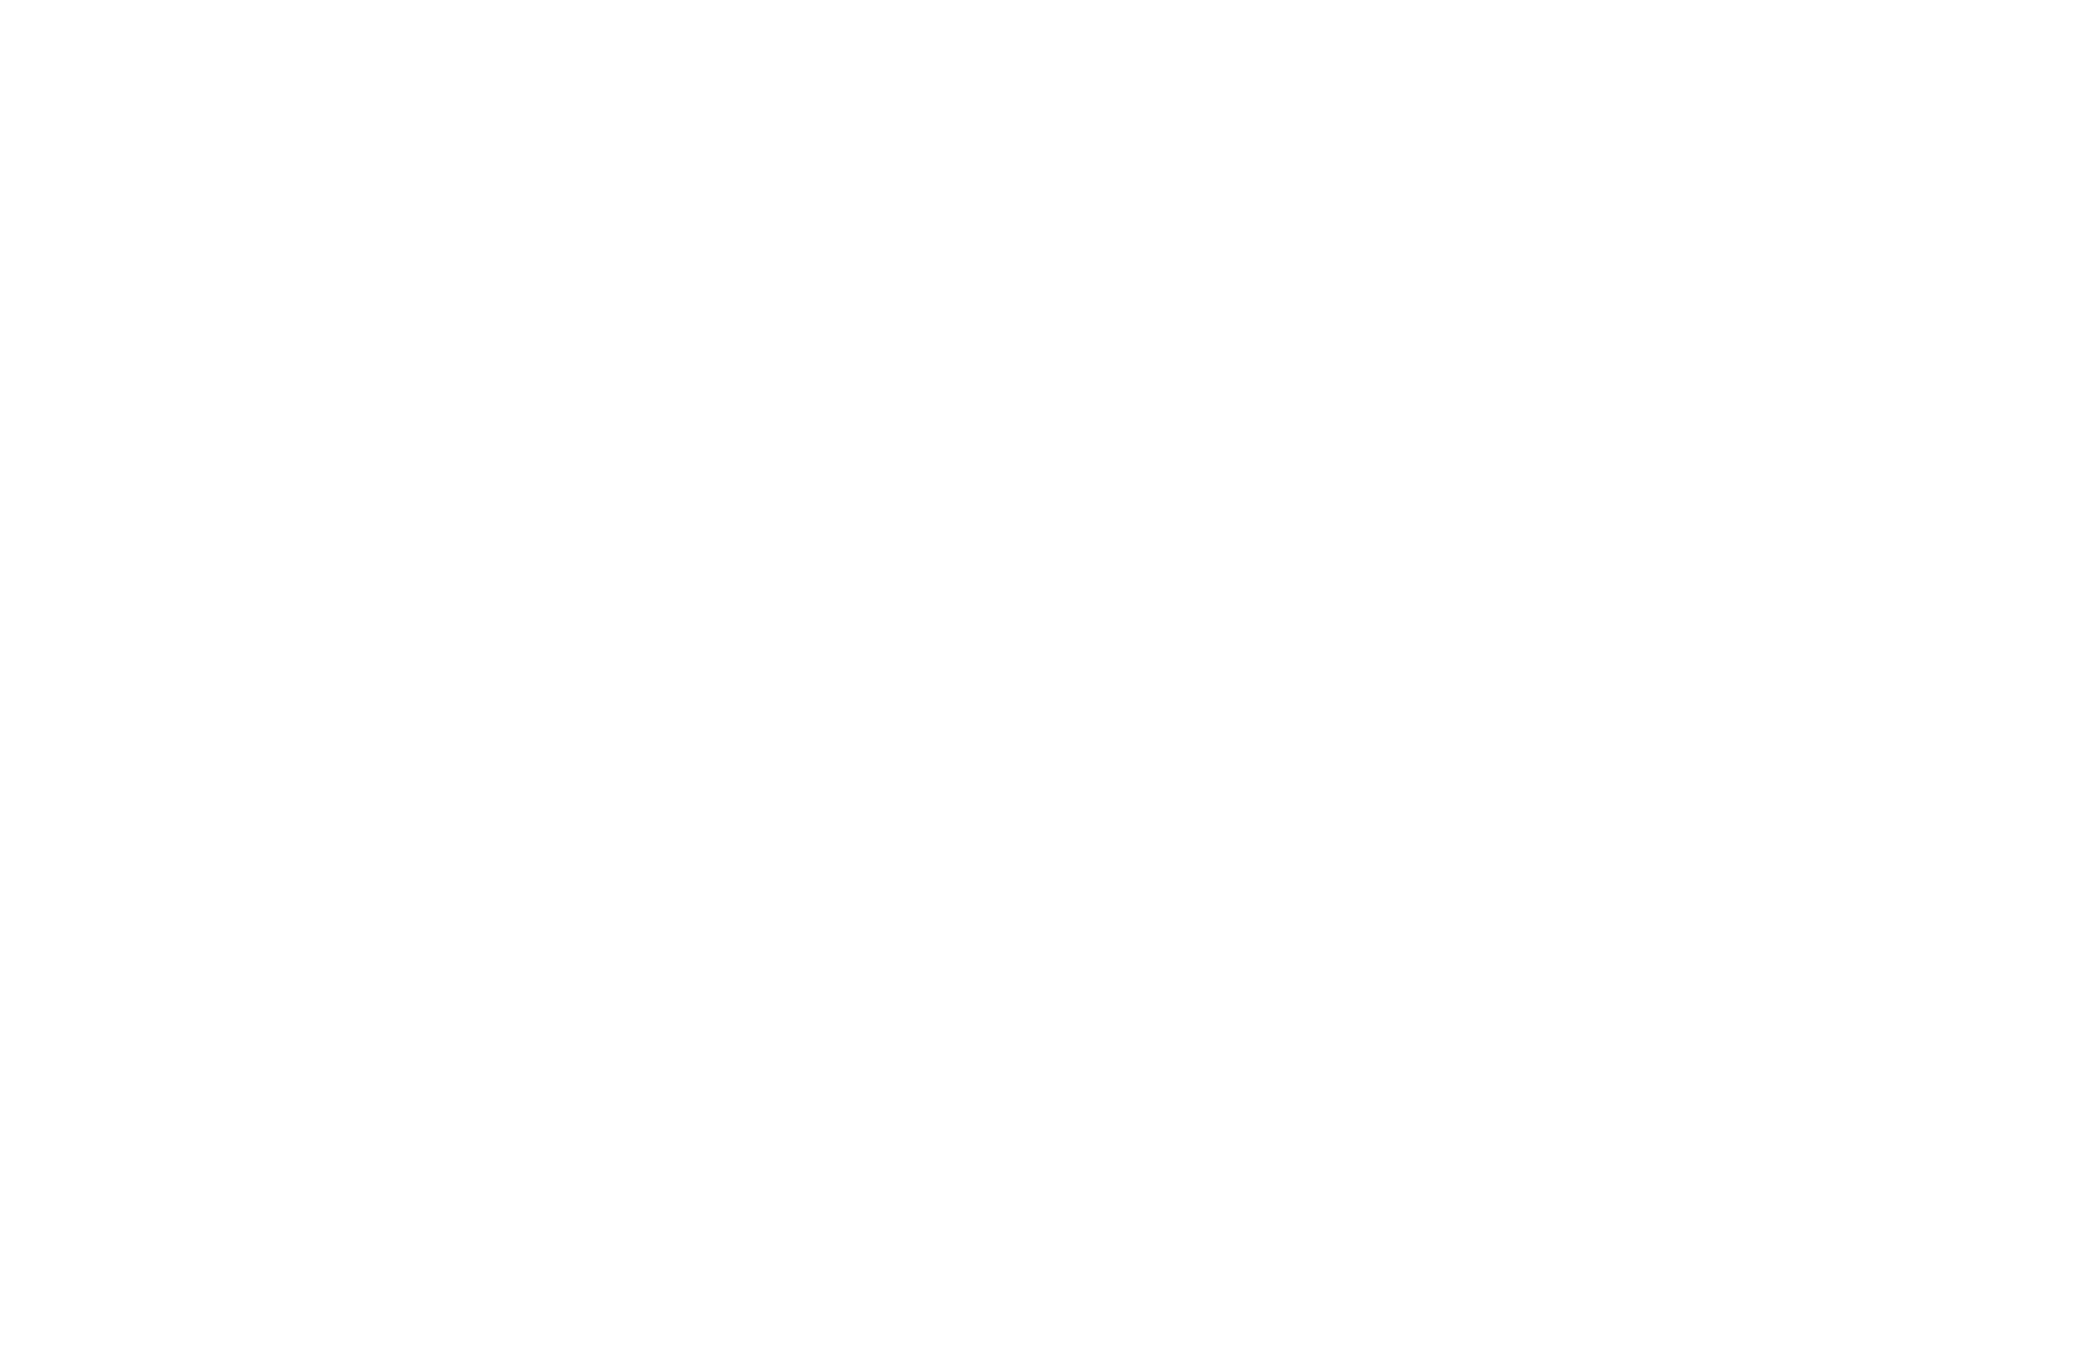 Argilis_Plan de travail 1 copie 2